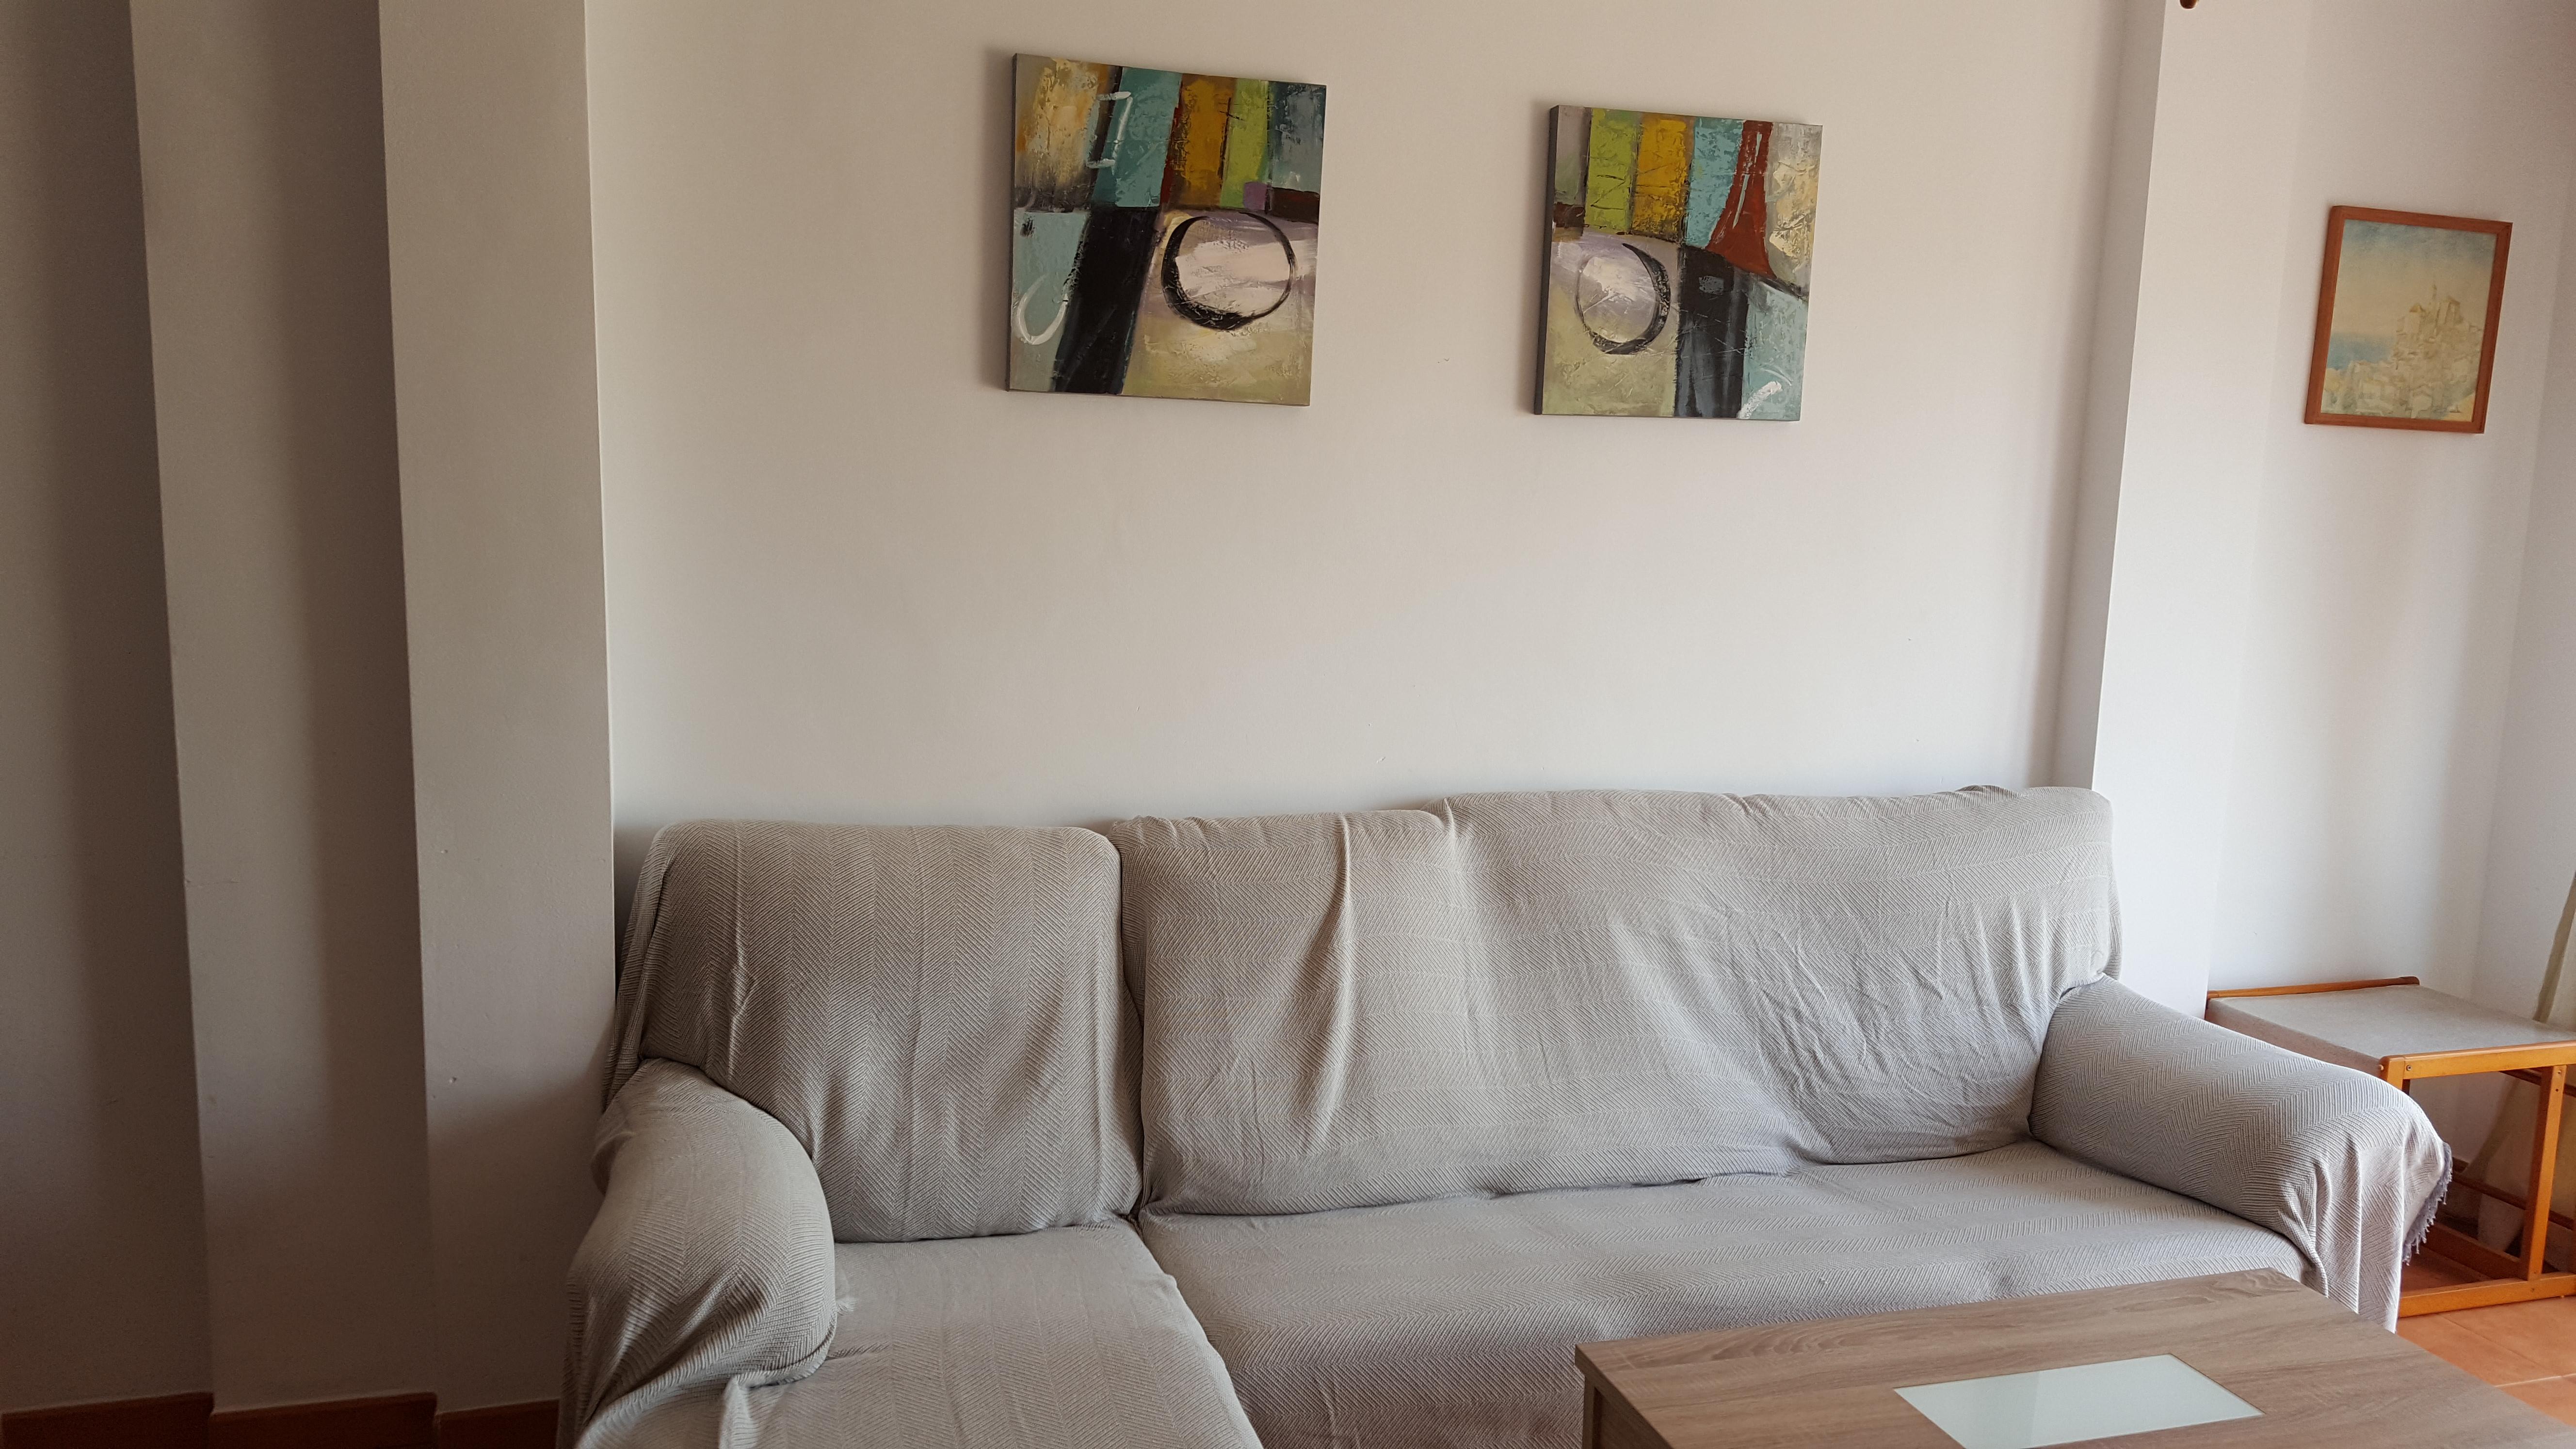 Ferienwohnung 3 Schlafzimmer Wohnung zu vermieten in Mojcar, Spanien (2388895), Mojacar, Costa de Almeria, Andalusien, Spanien, Bild 4